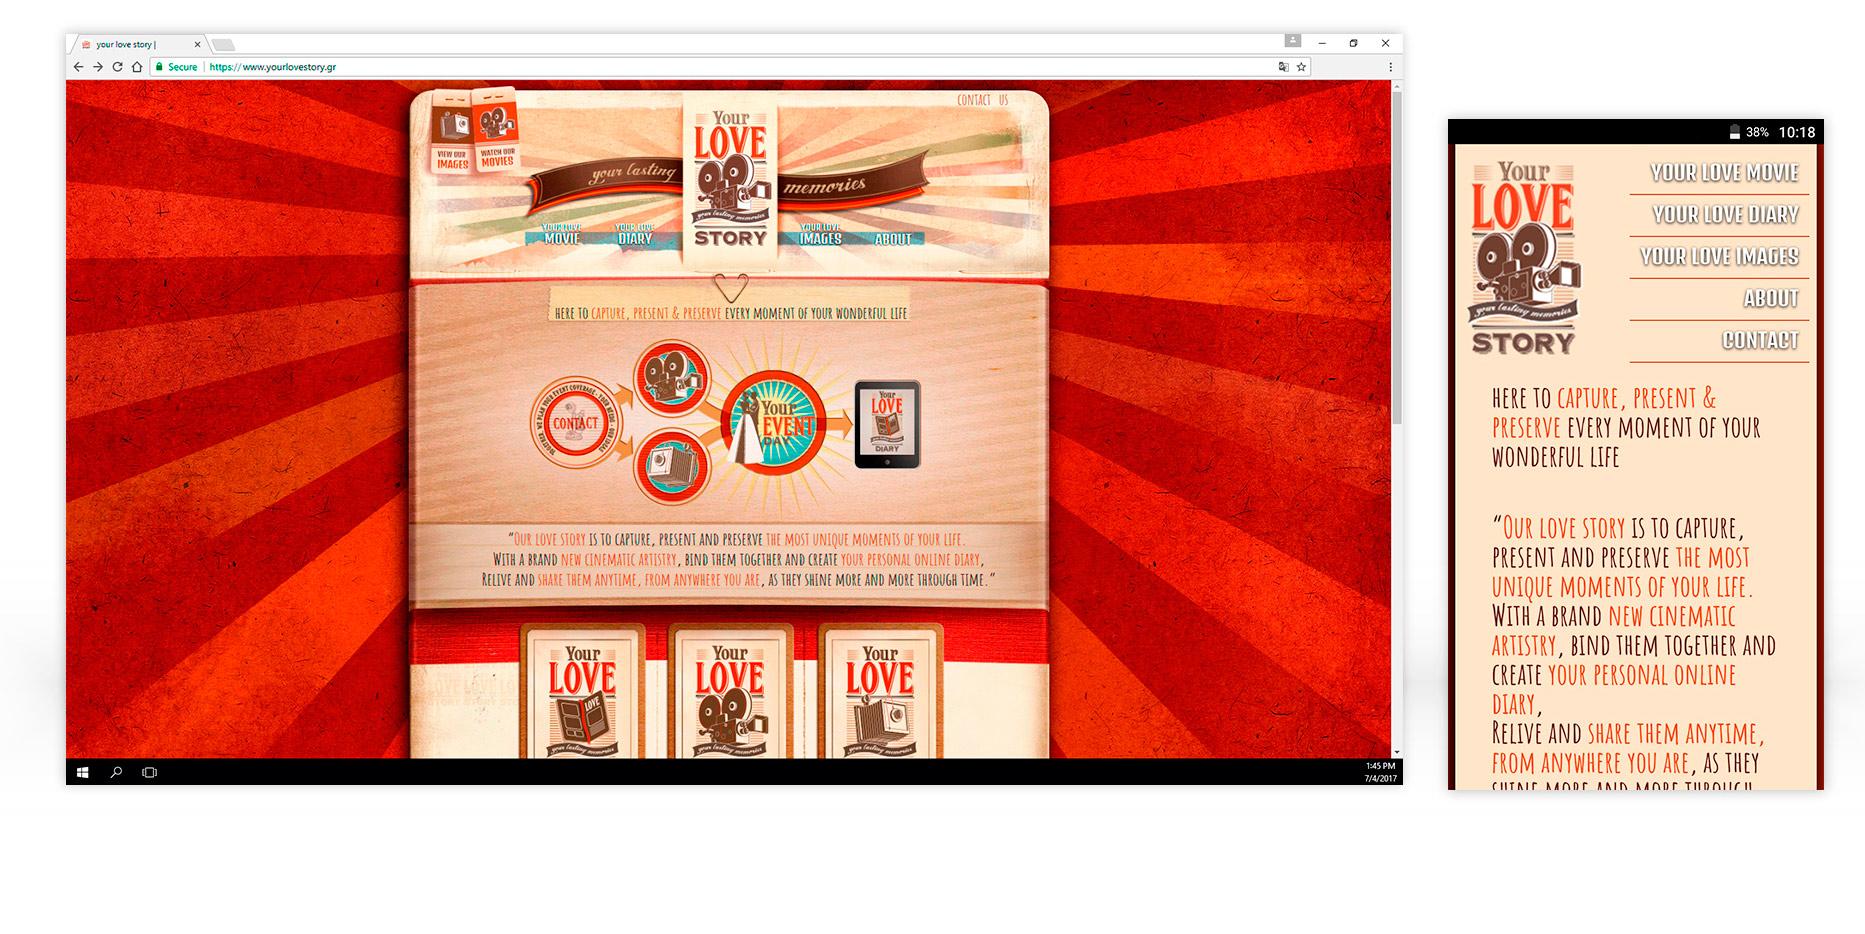 Σχεδιασμός ιστοσελίδας YourLoveStory • adeadpixel